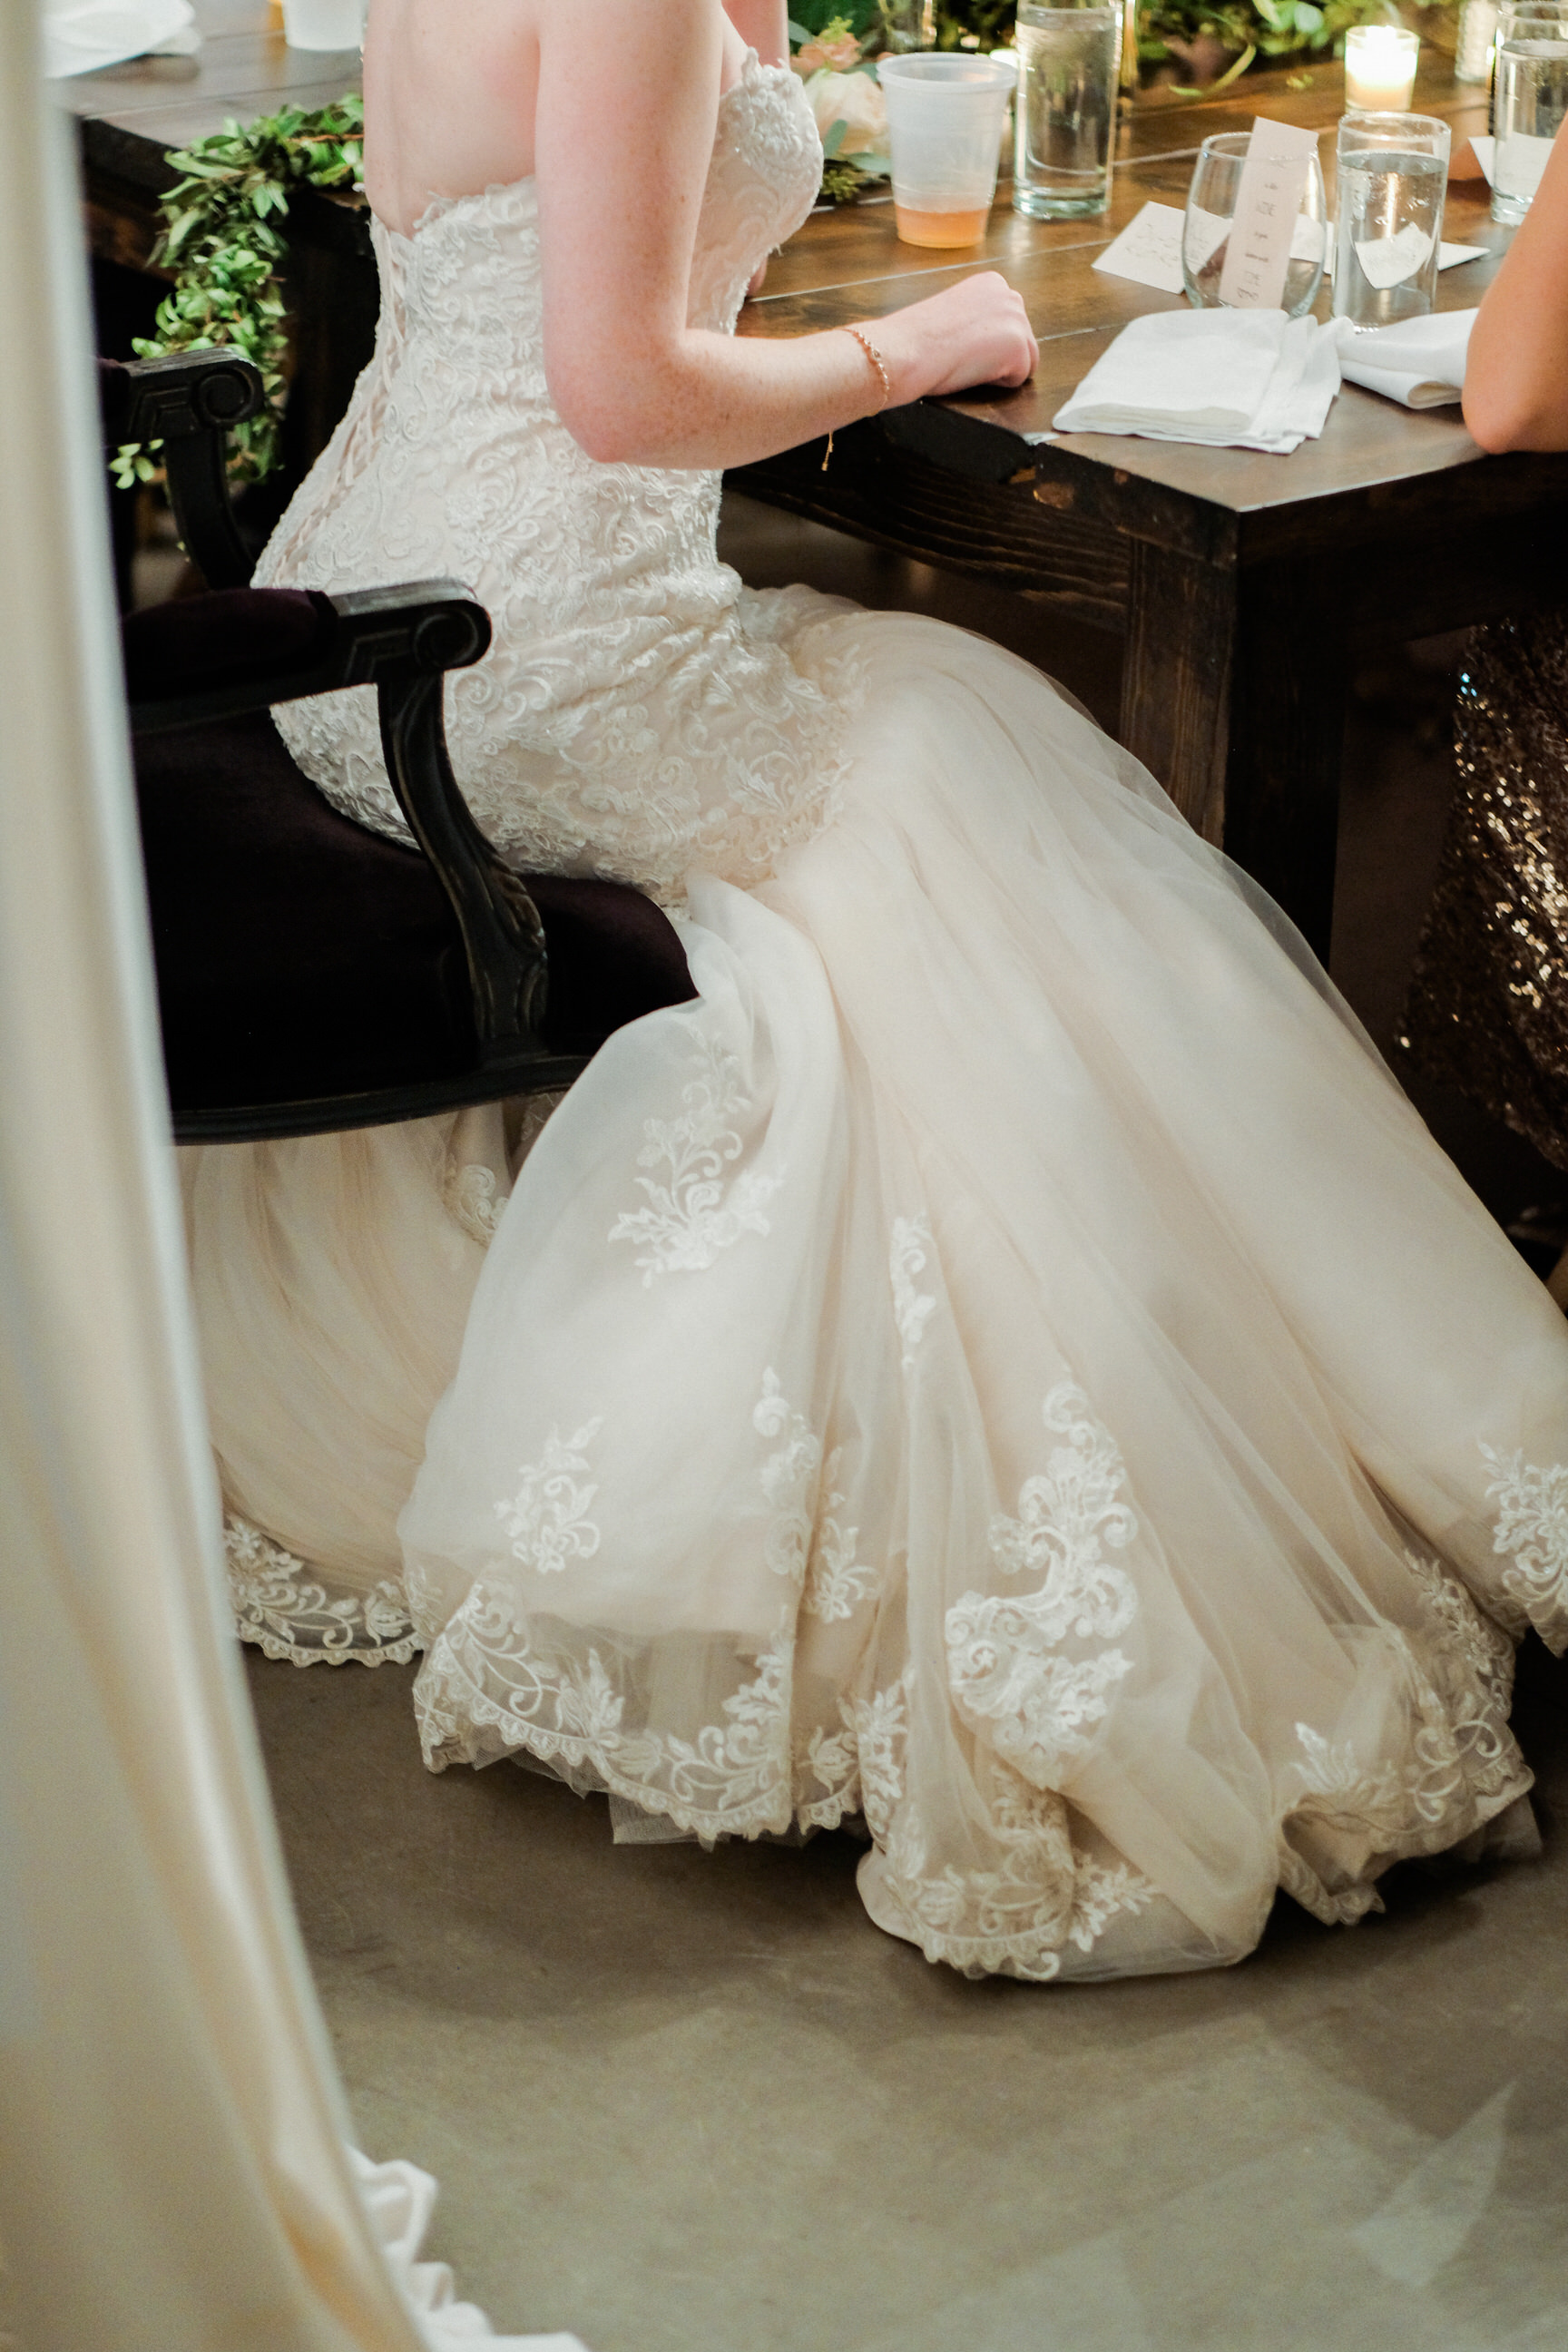 te brides dress